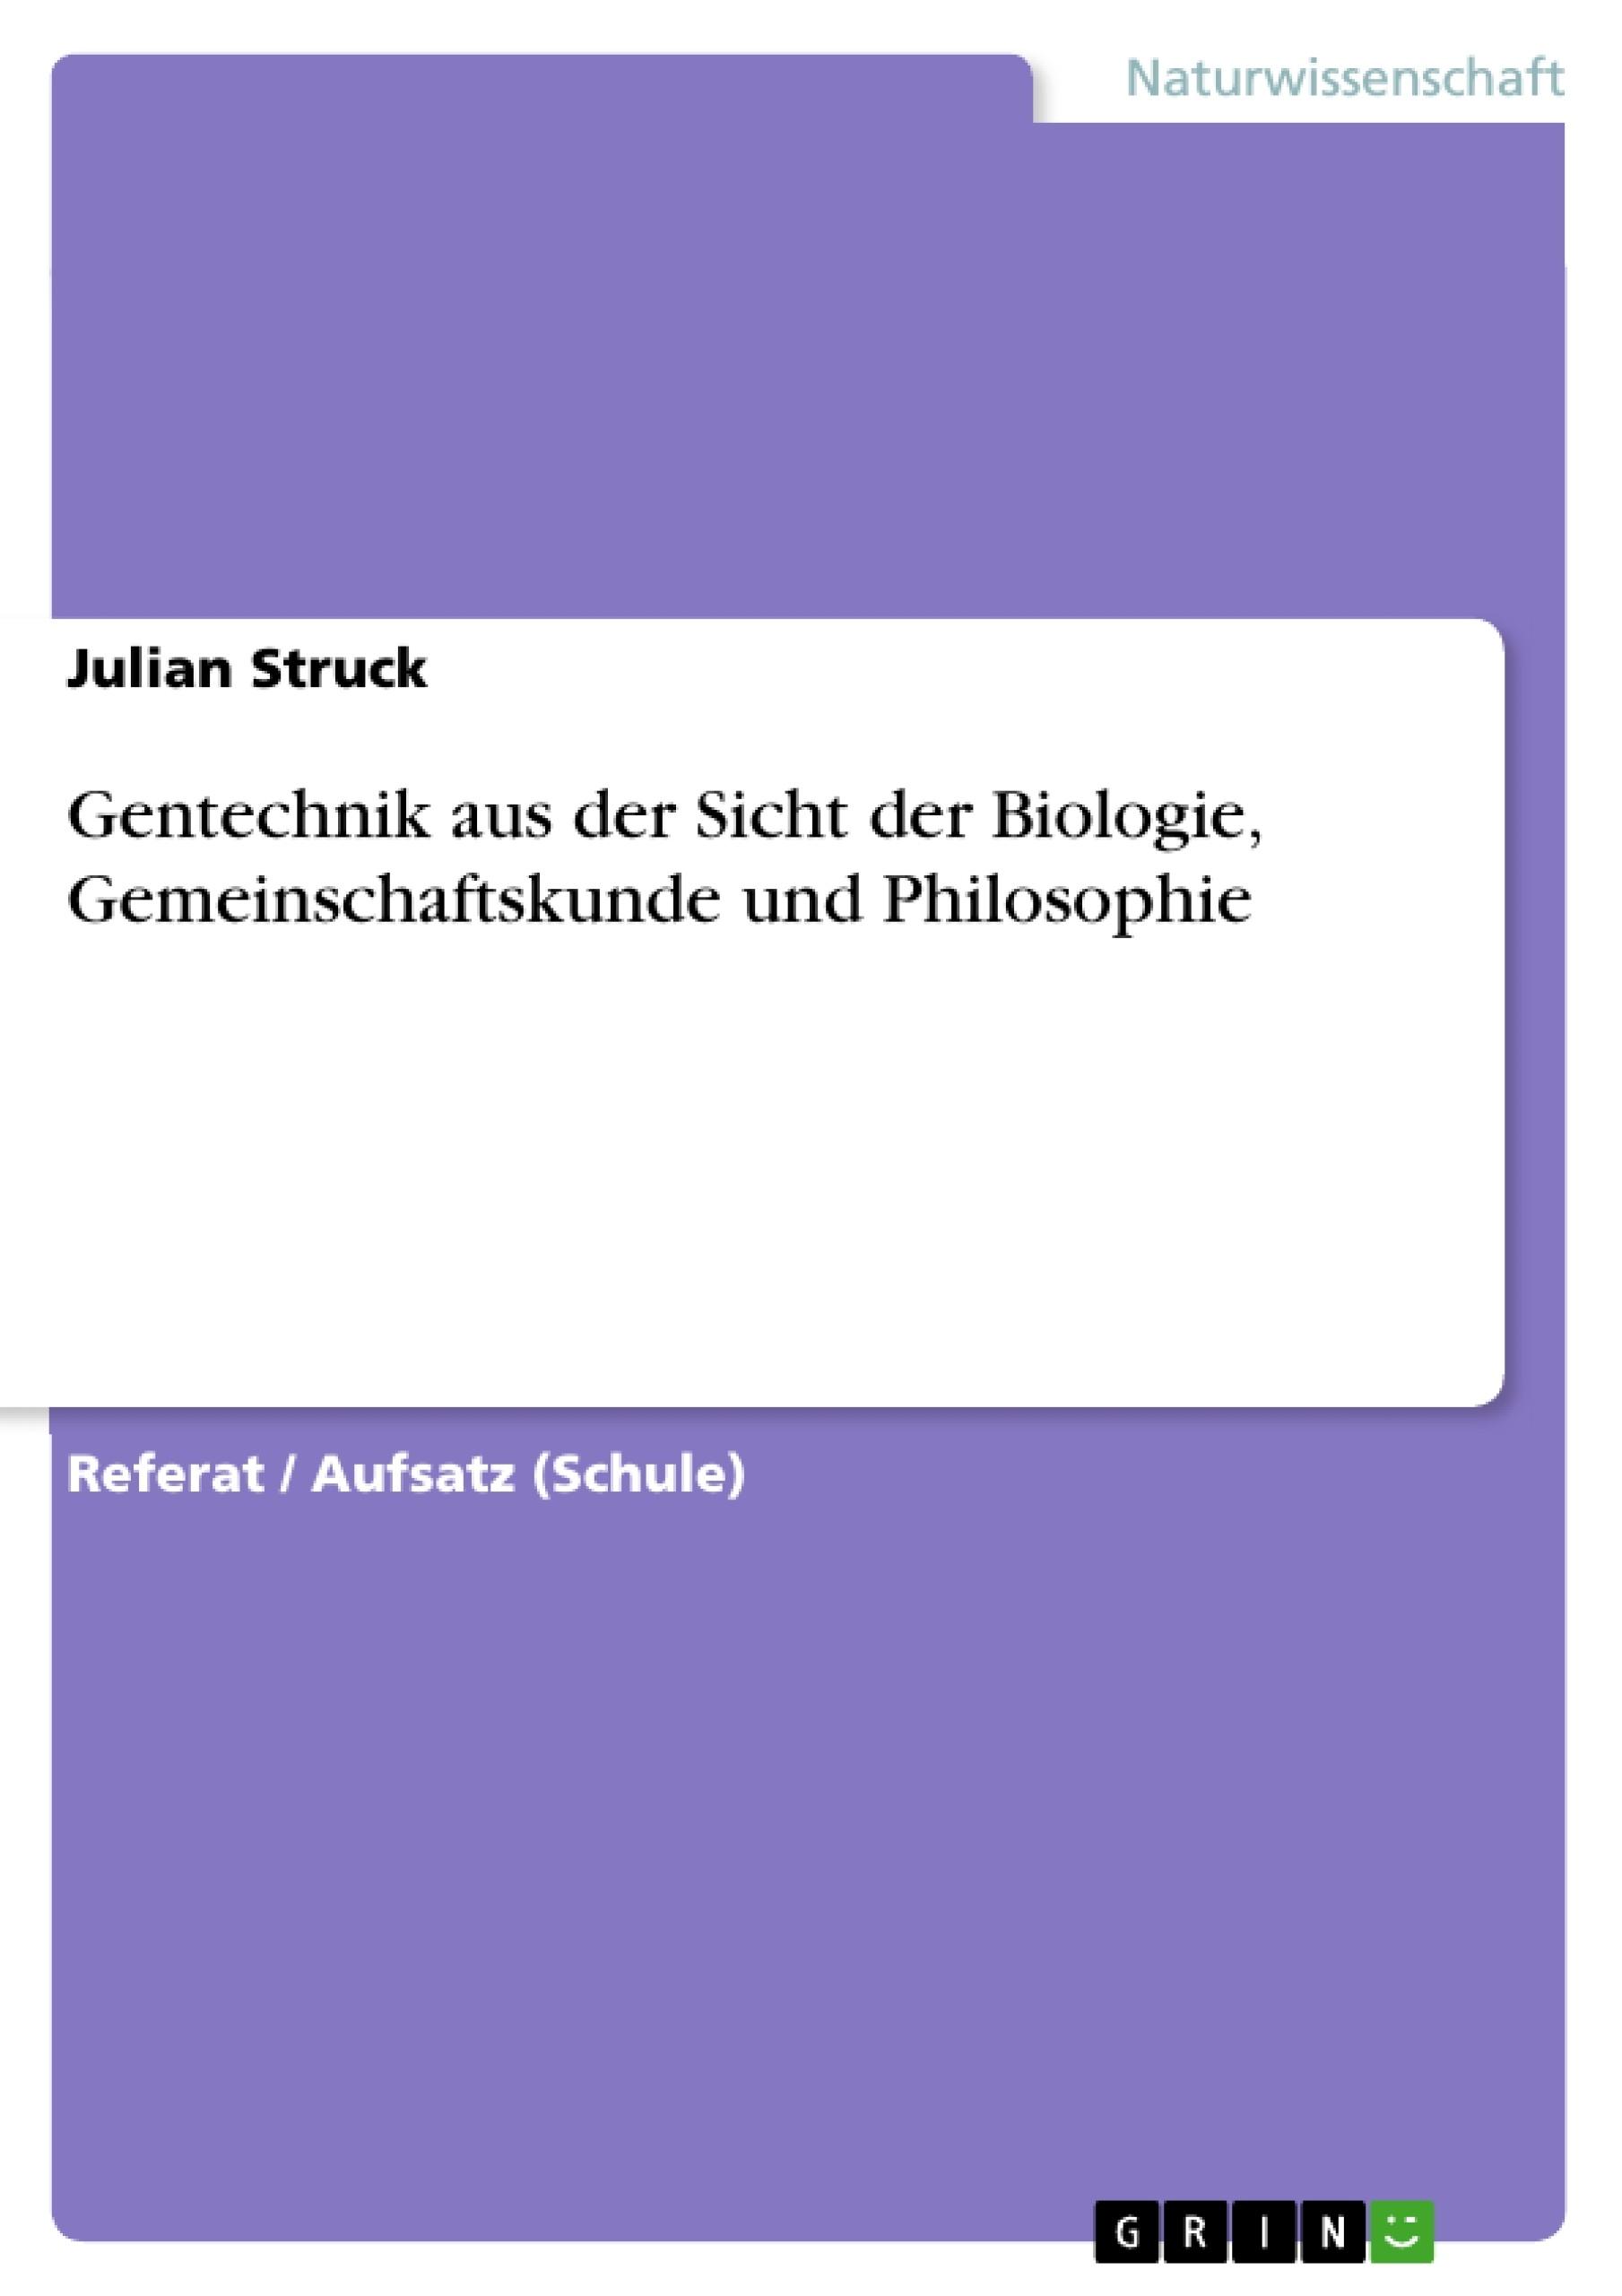 Titel: Gentechnik aus der Sicht der Biologie, Gemeinschaftskunde und Philosophie